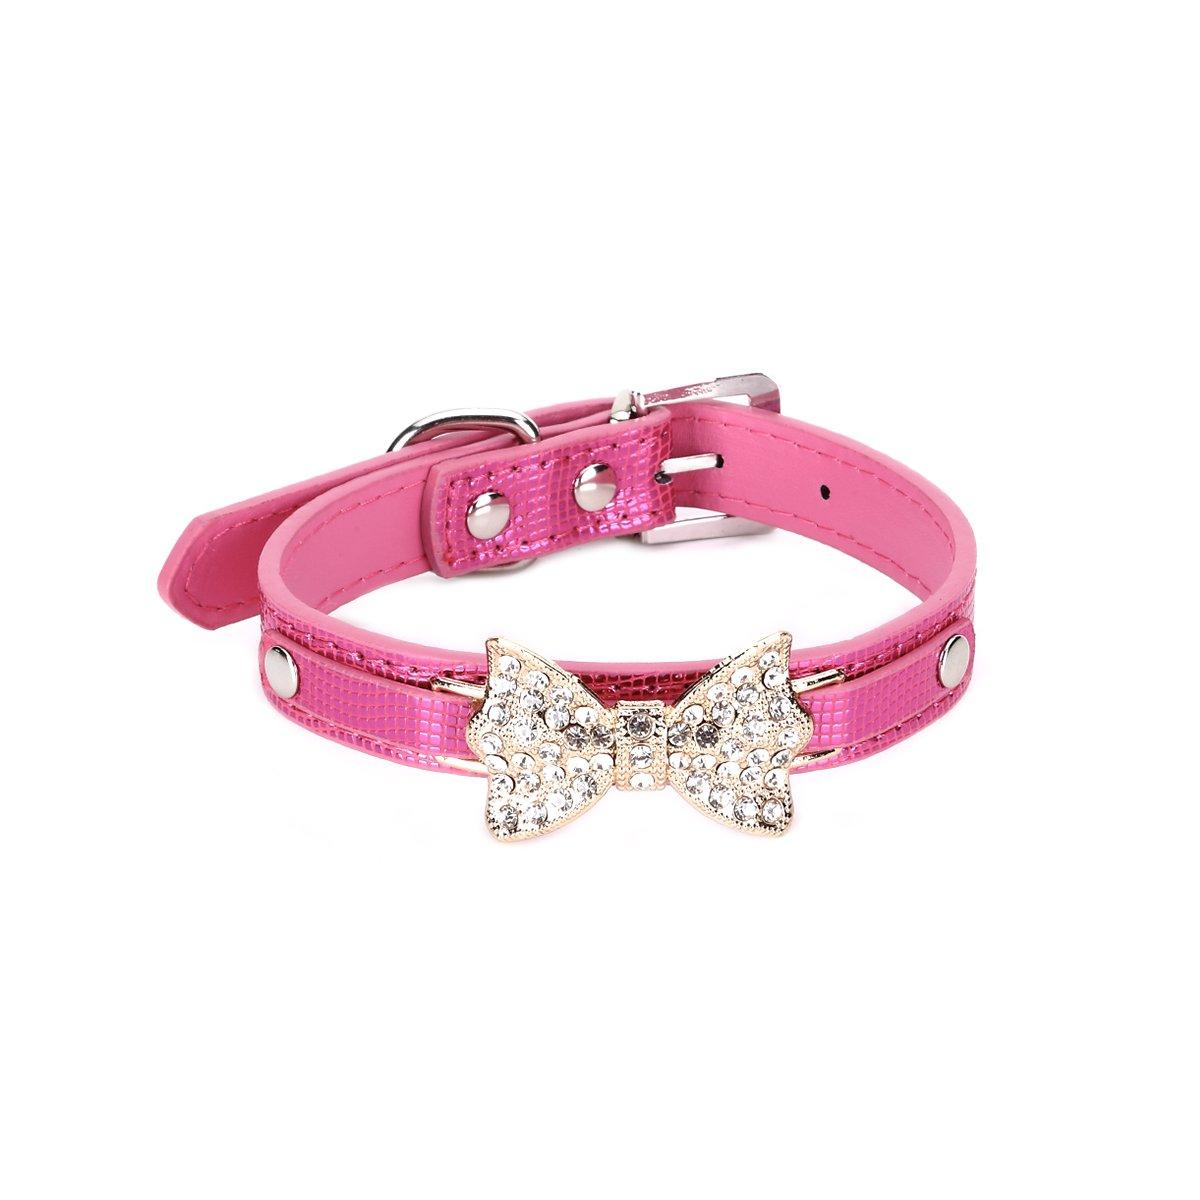 Pet tag collare Bling cristallo Bowknot coccodrillo modello collare cucciolo gatto girocollo collana